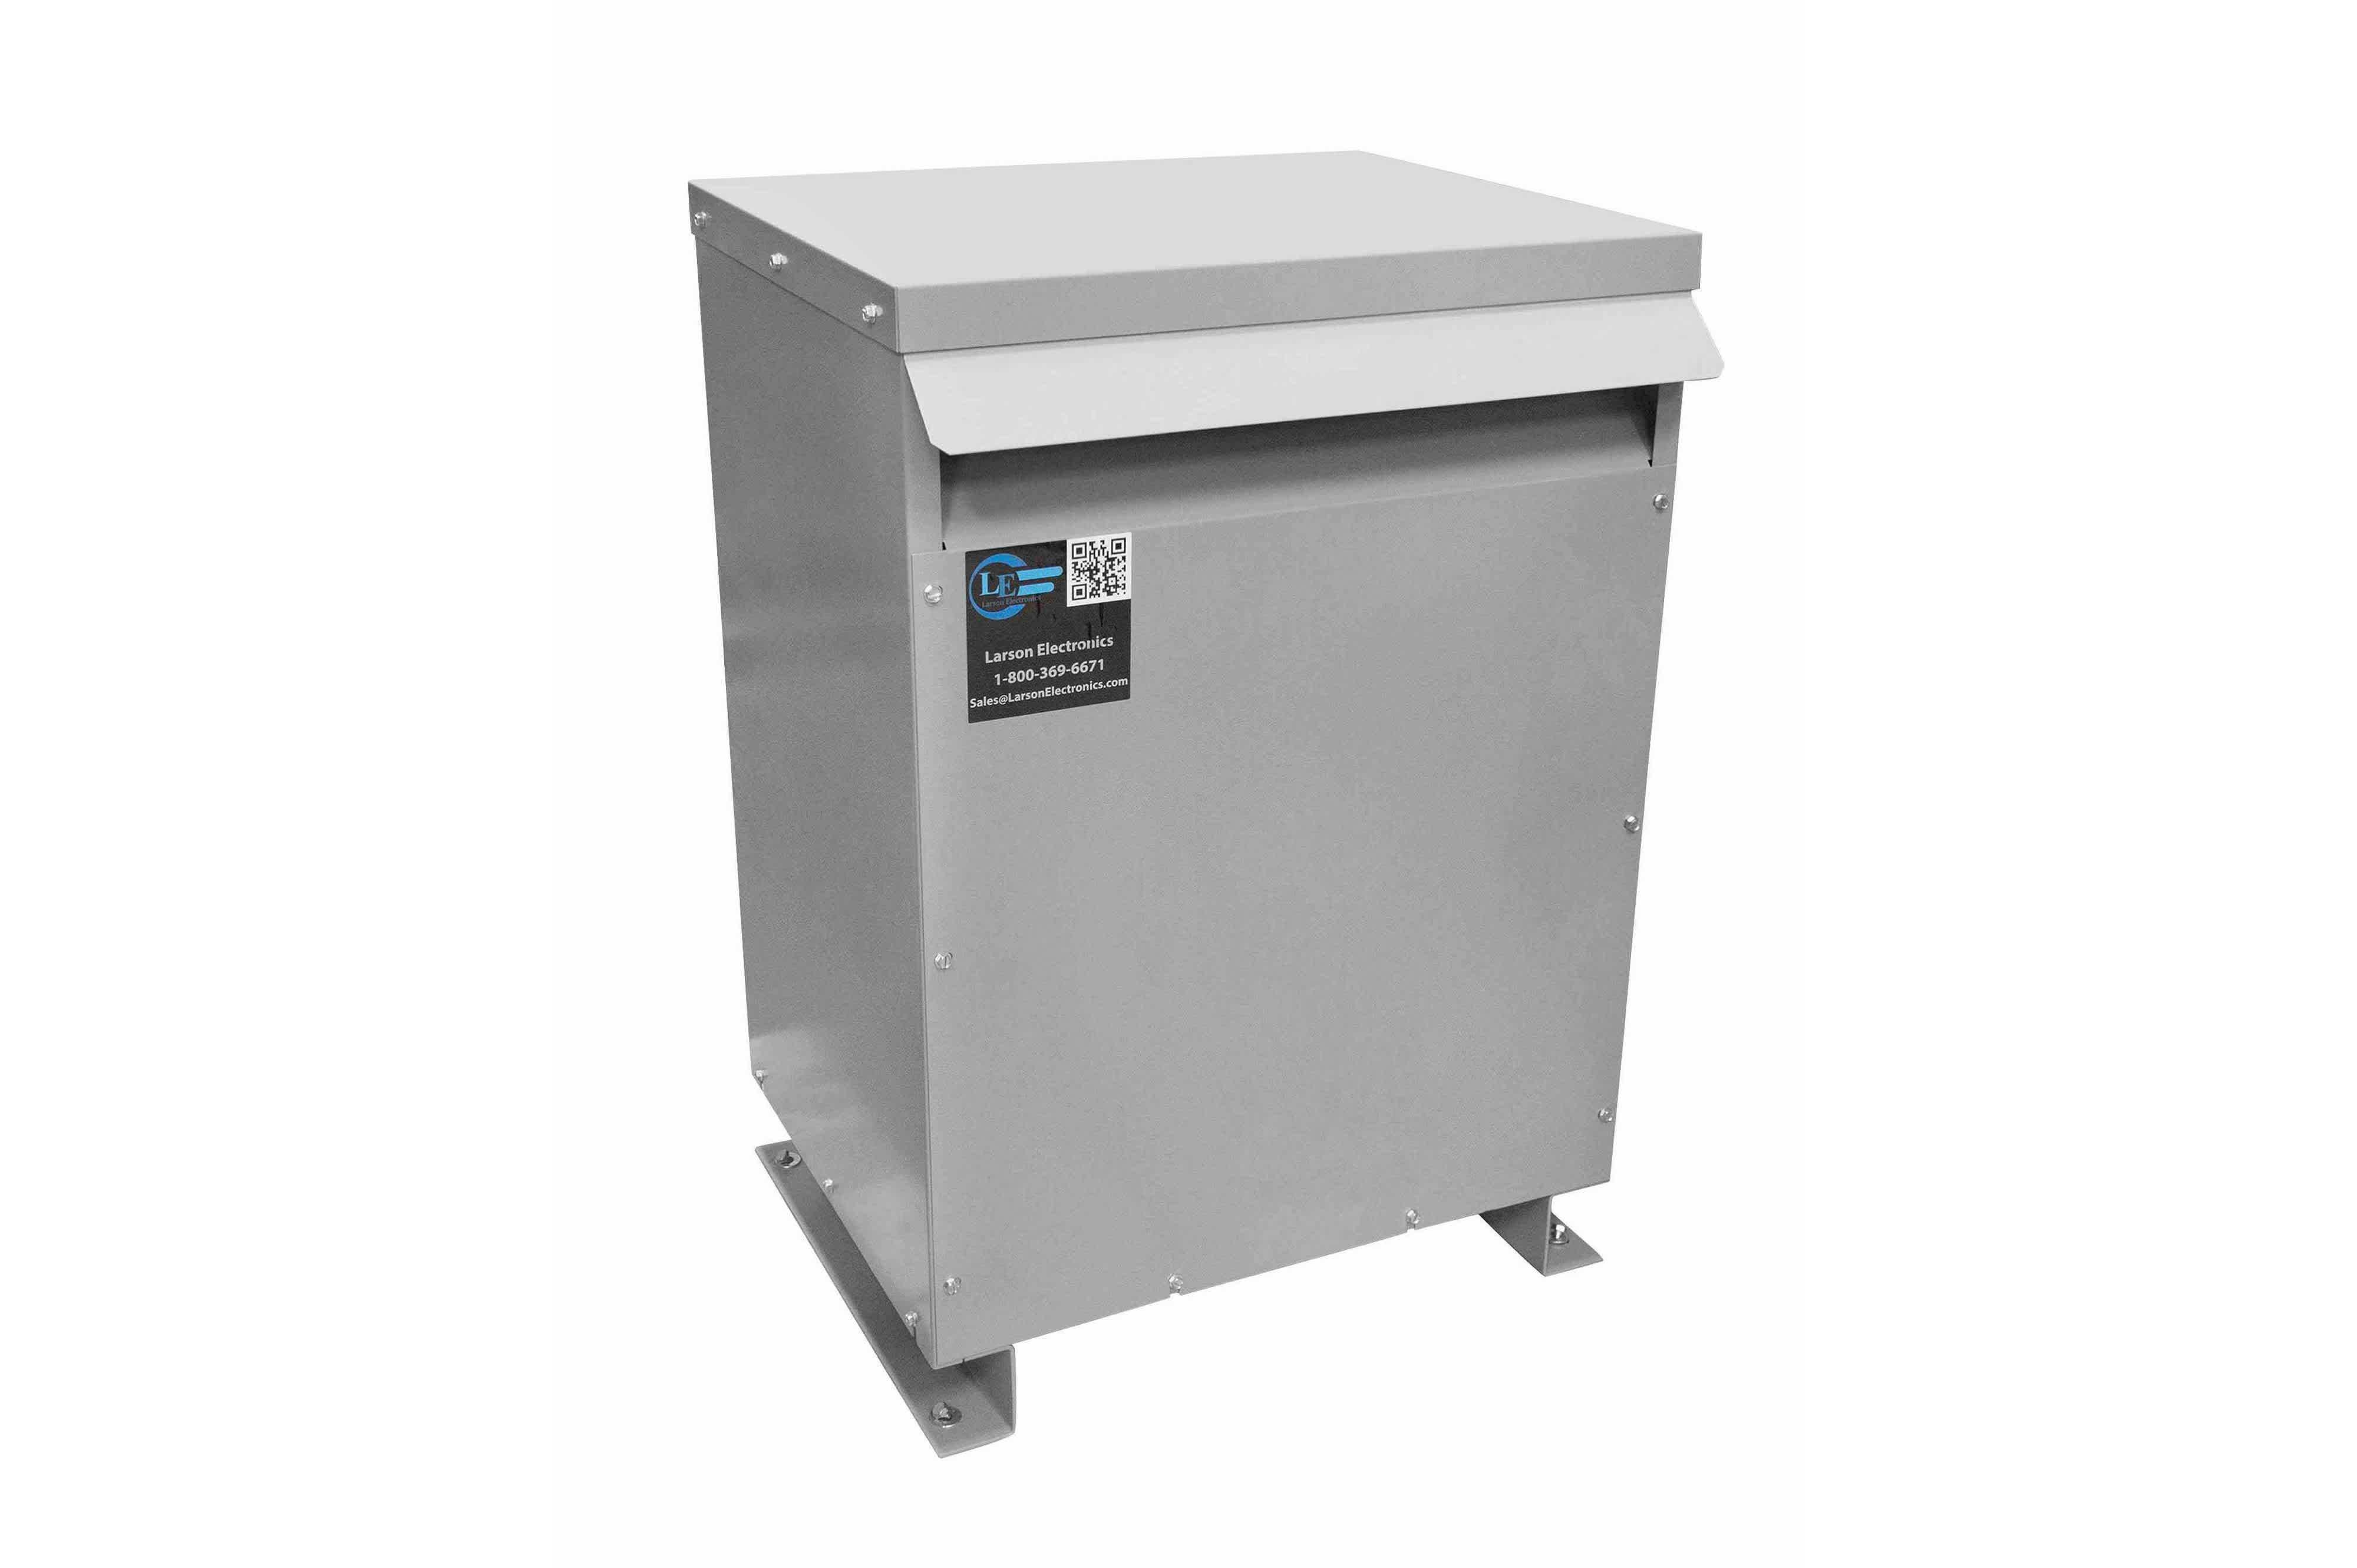 175 kVA 3PH Isolation Transformer, 460V Delta Primary, 380V Delta Secondary, N3R, Ventilated, 60 Hz